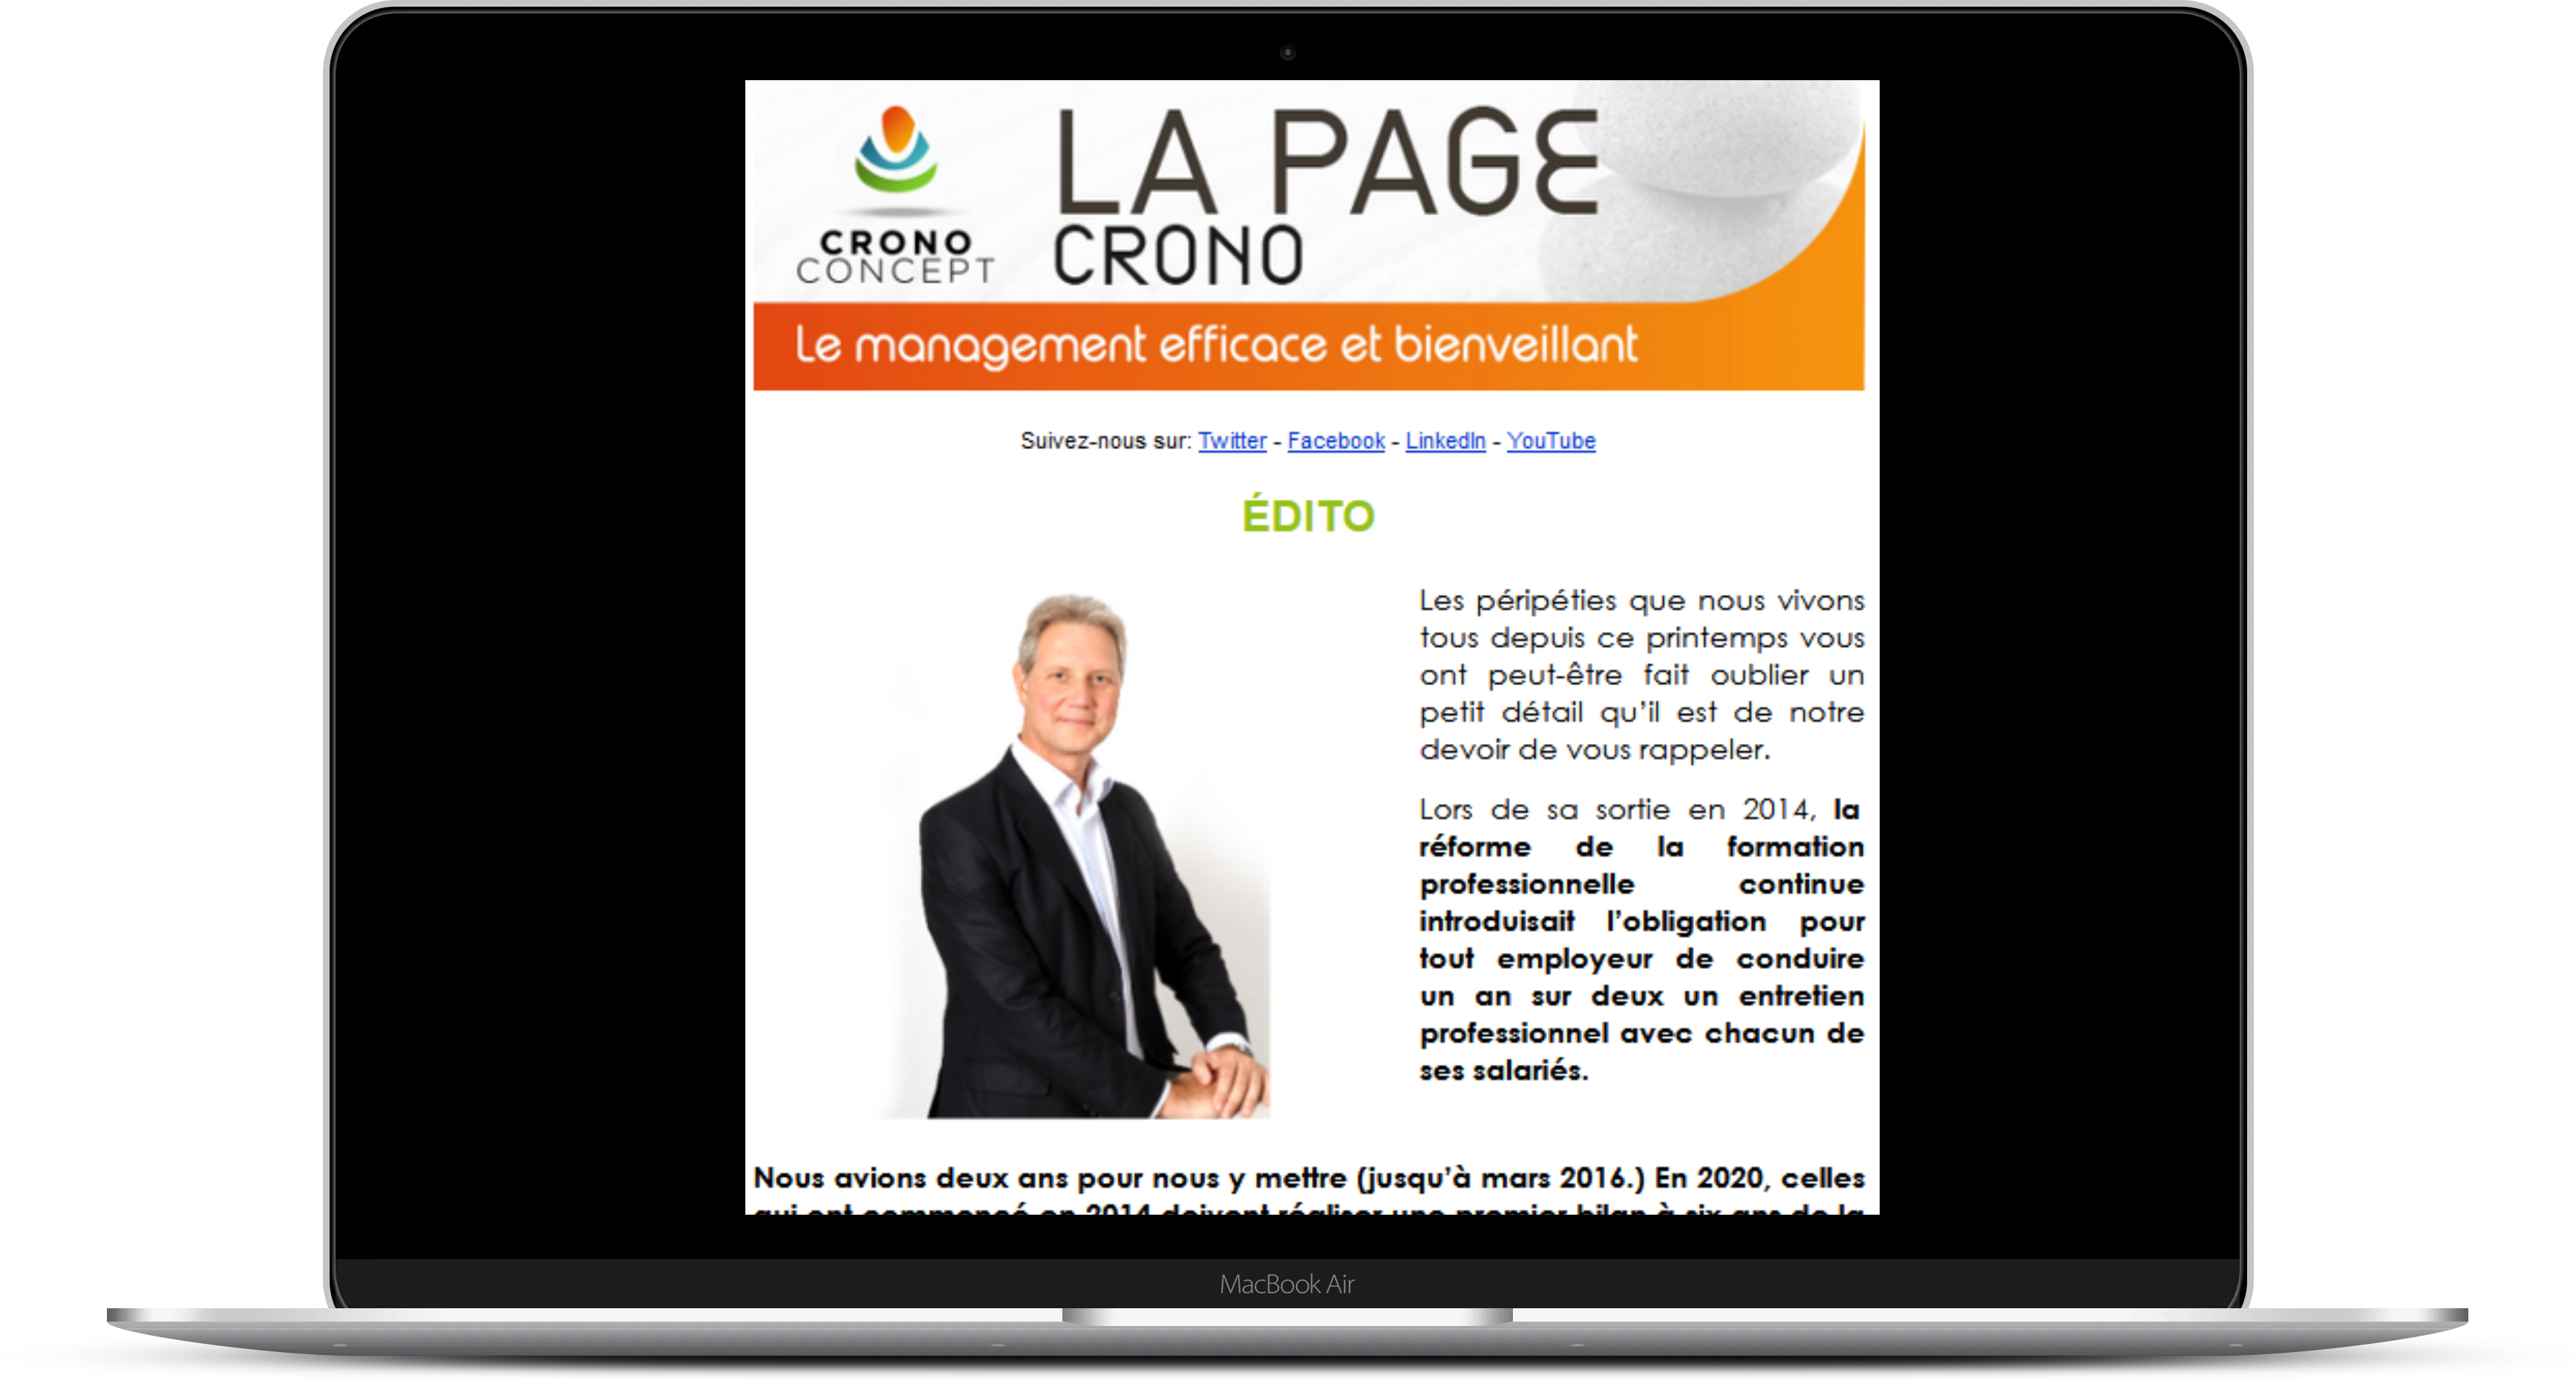 Page Crono